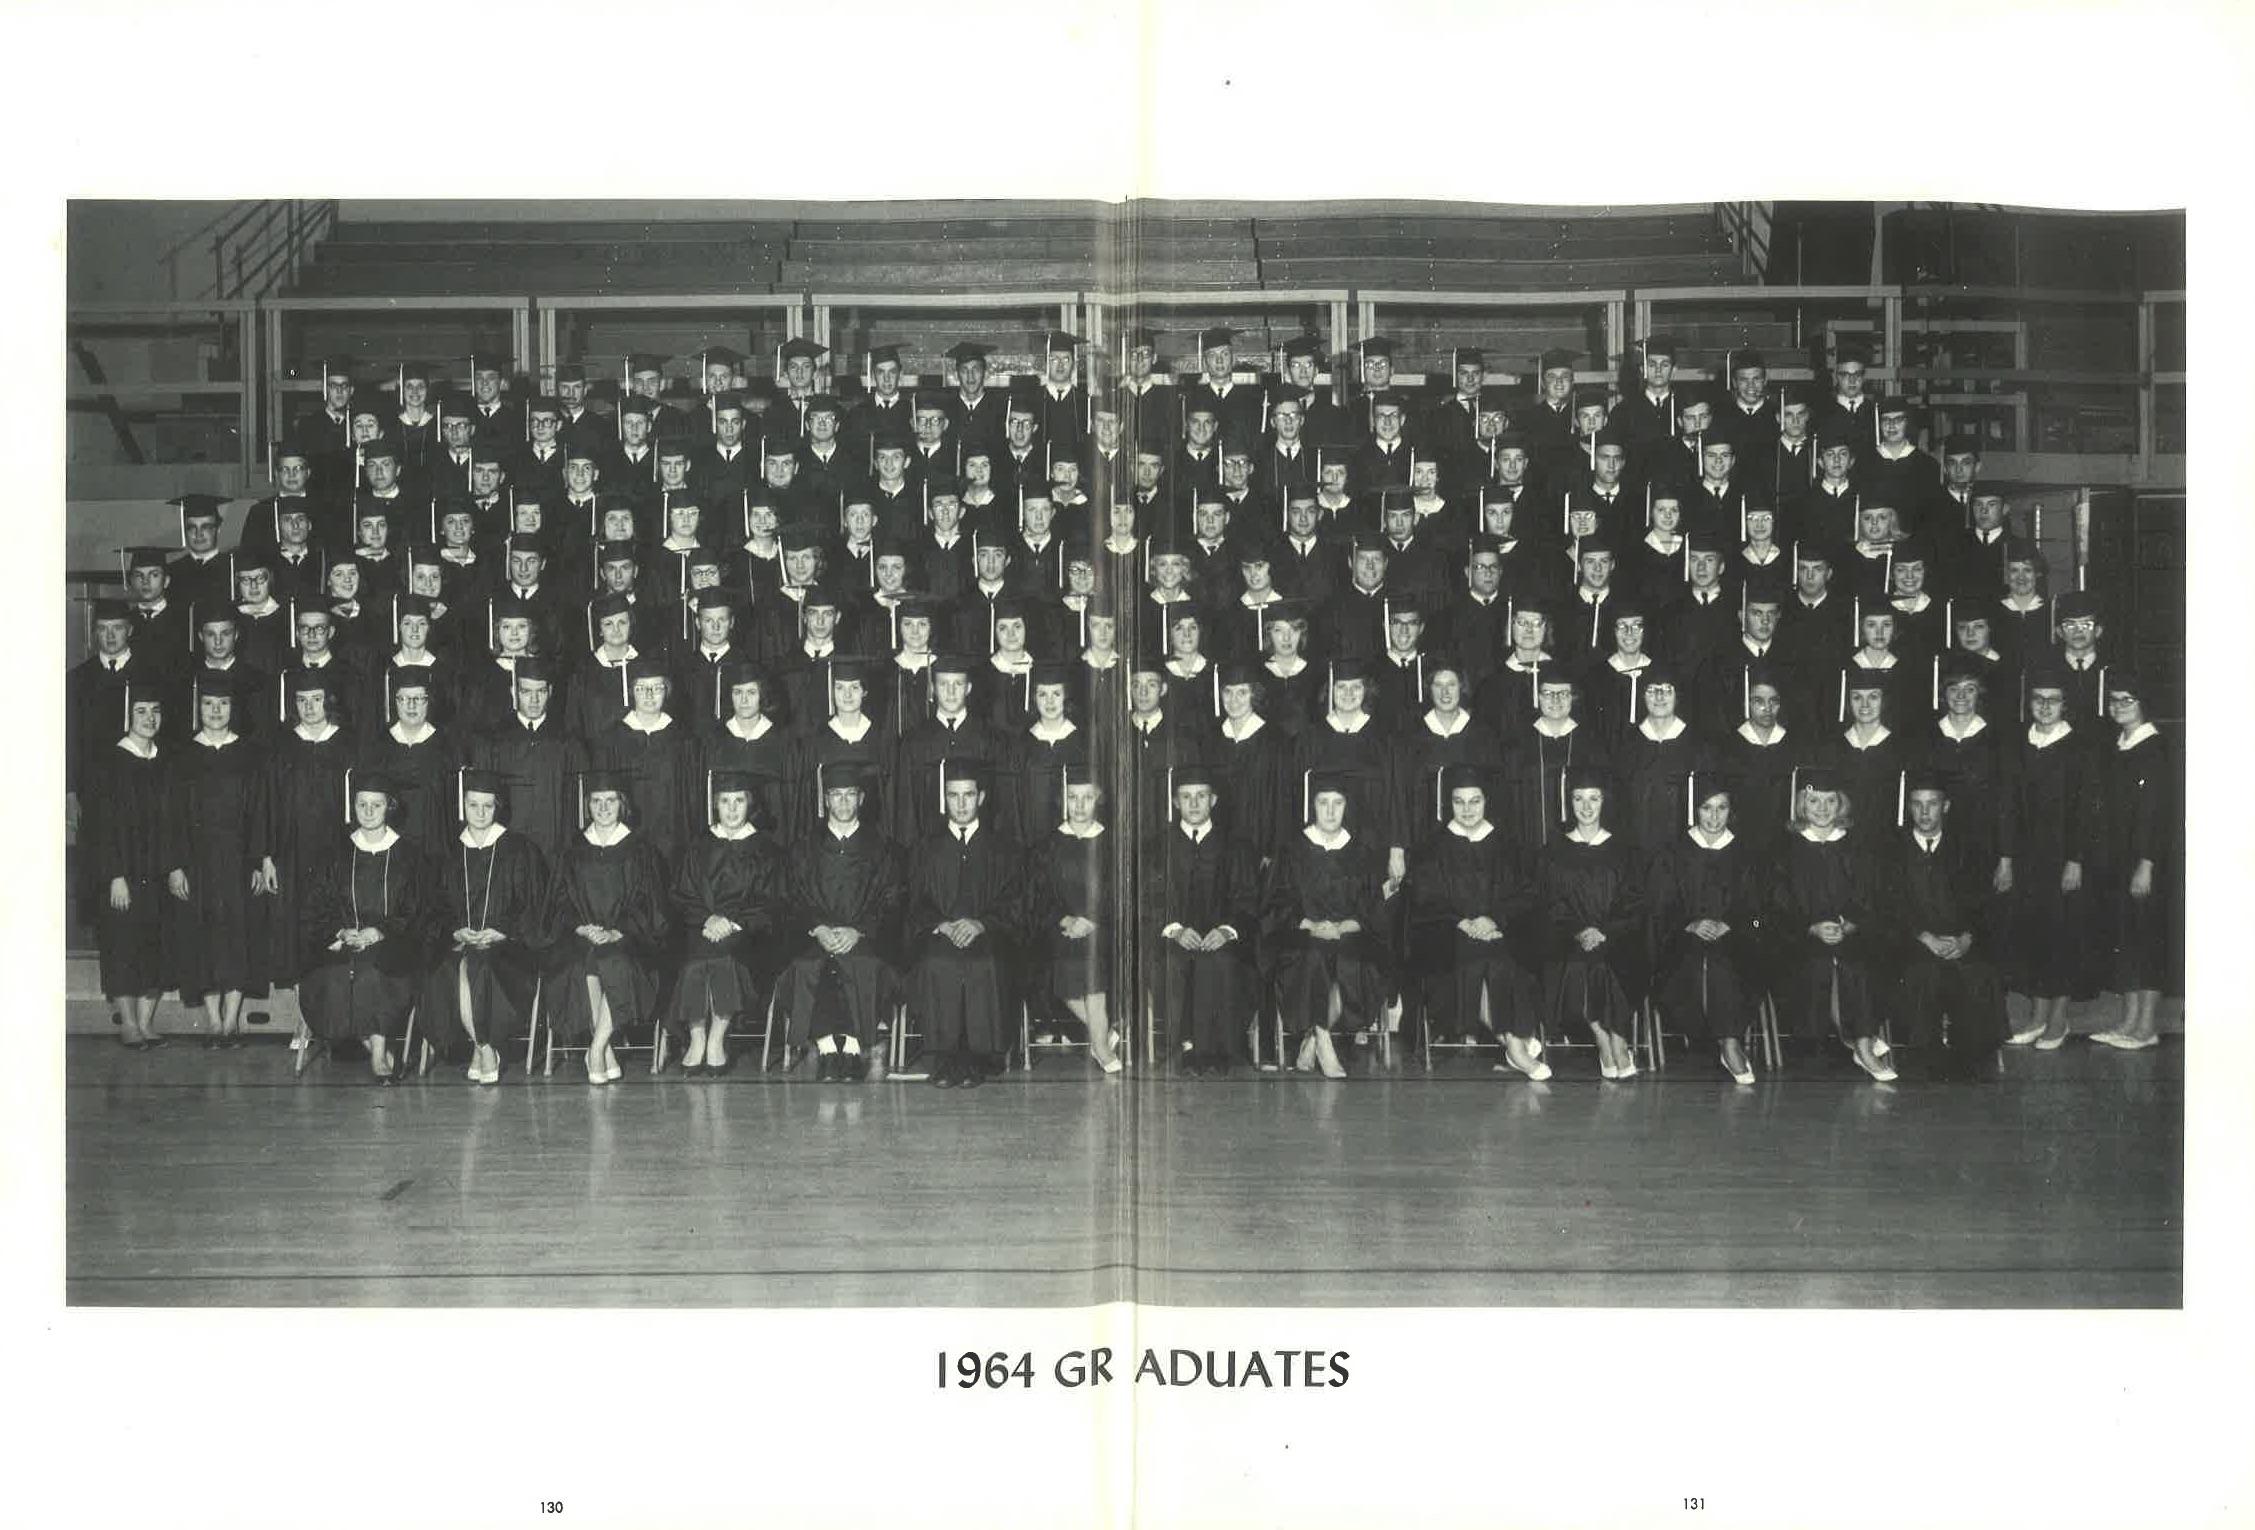 1965_Yearbook_66.jpg